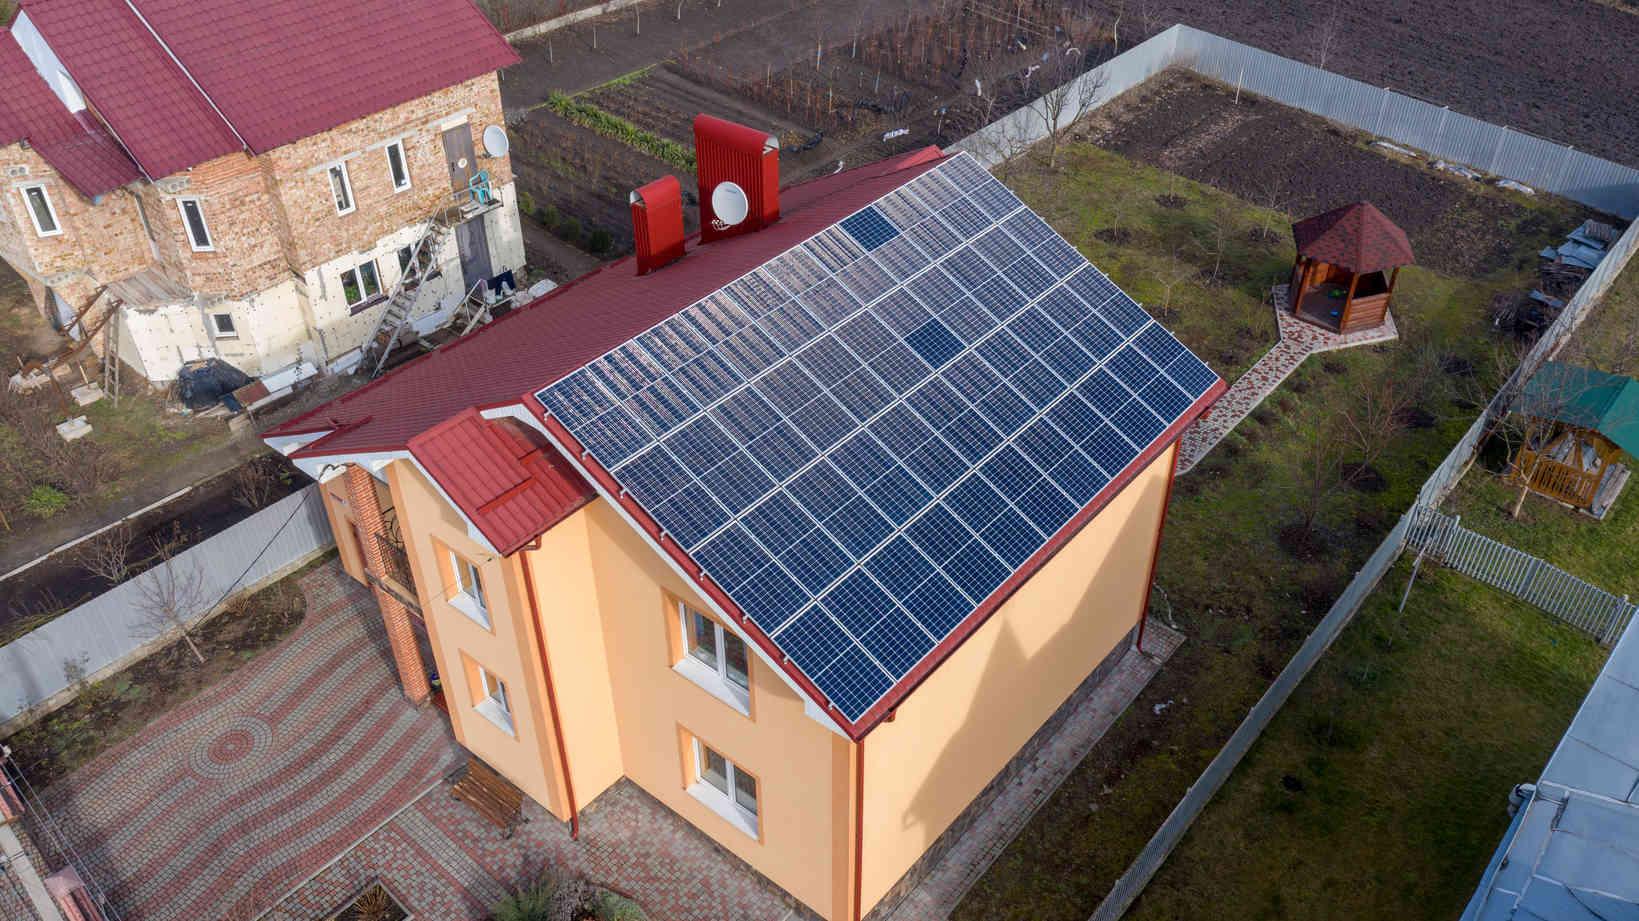 Мережева сонячна електростанція (СЕС) потужністю 14,08 кВт – Фотозвіт #1